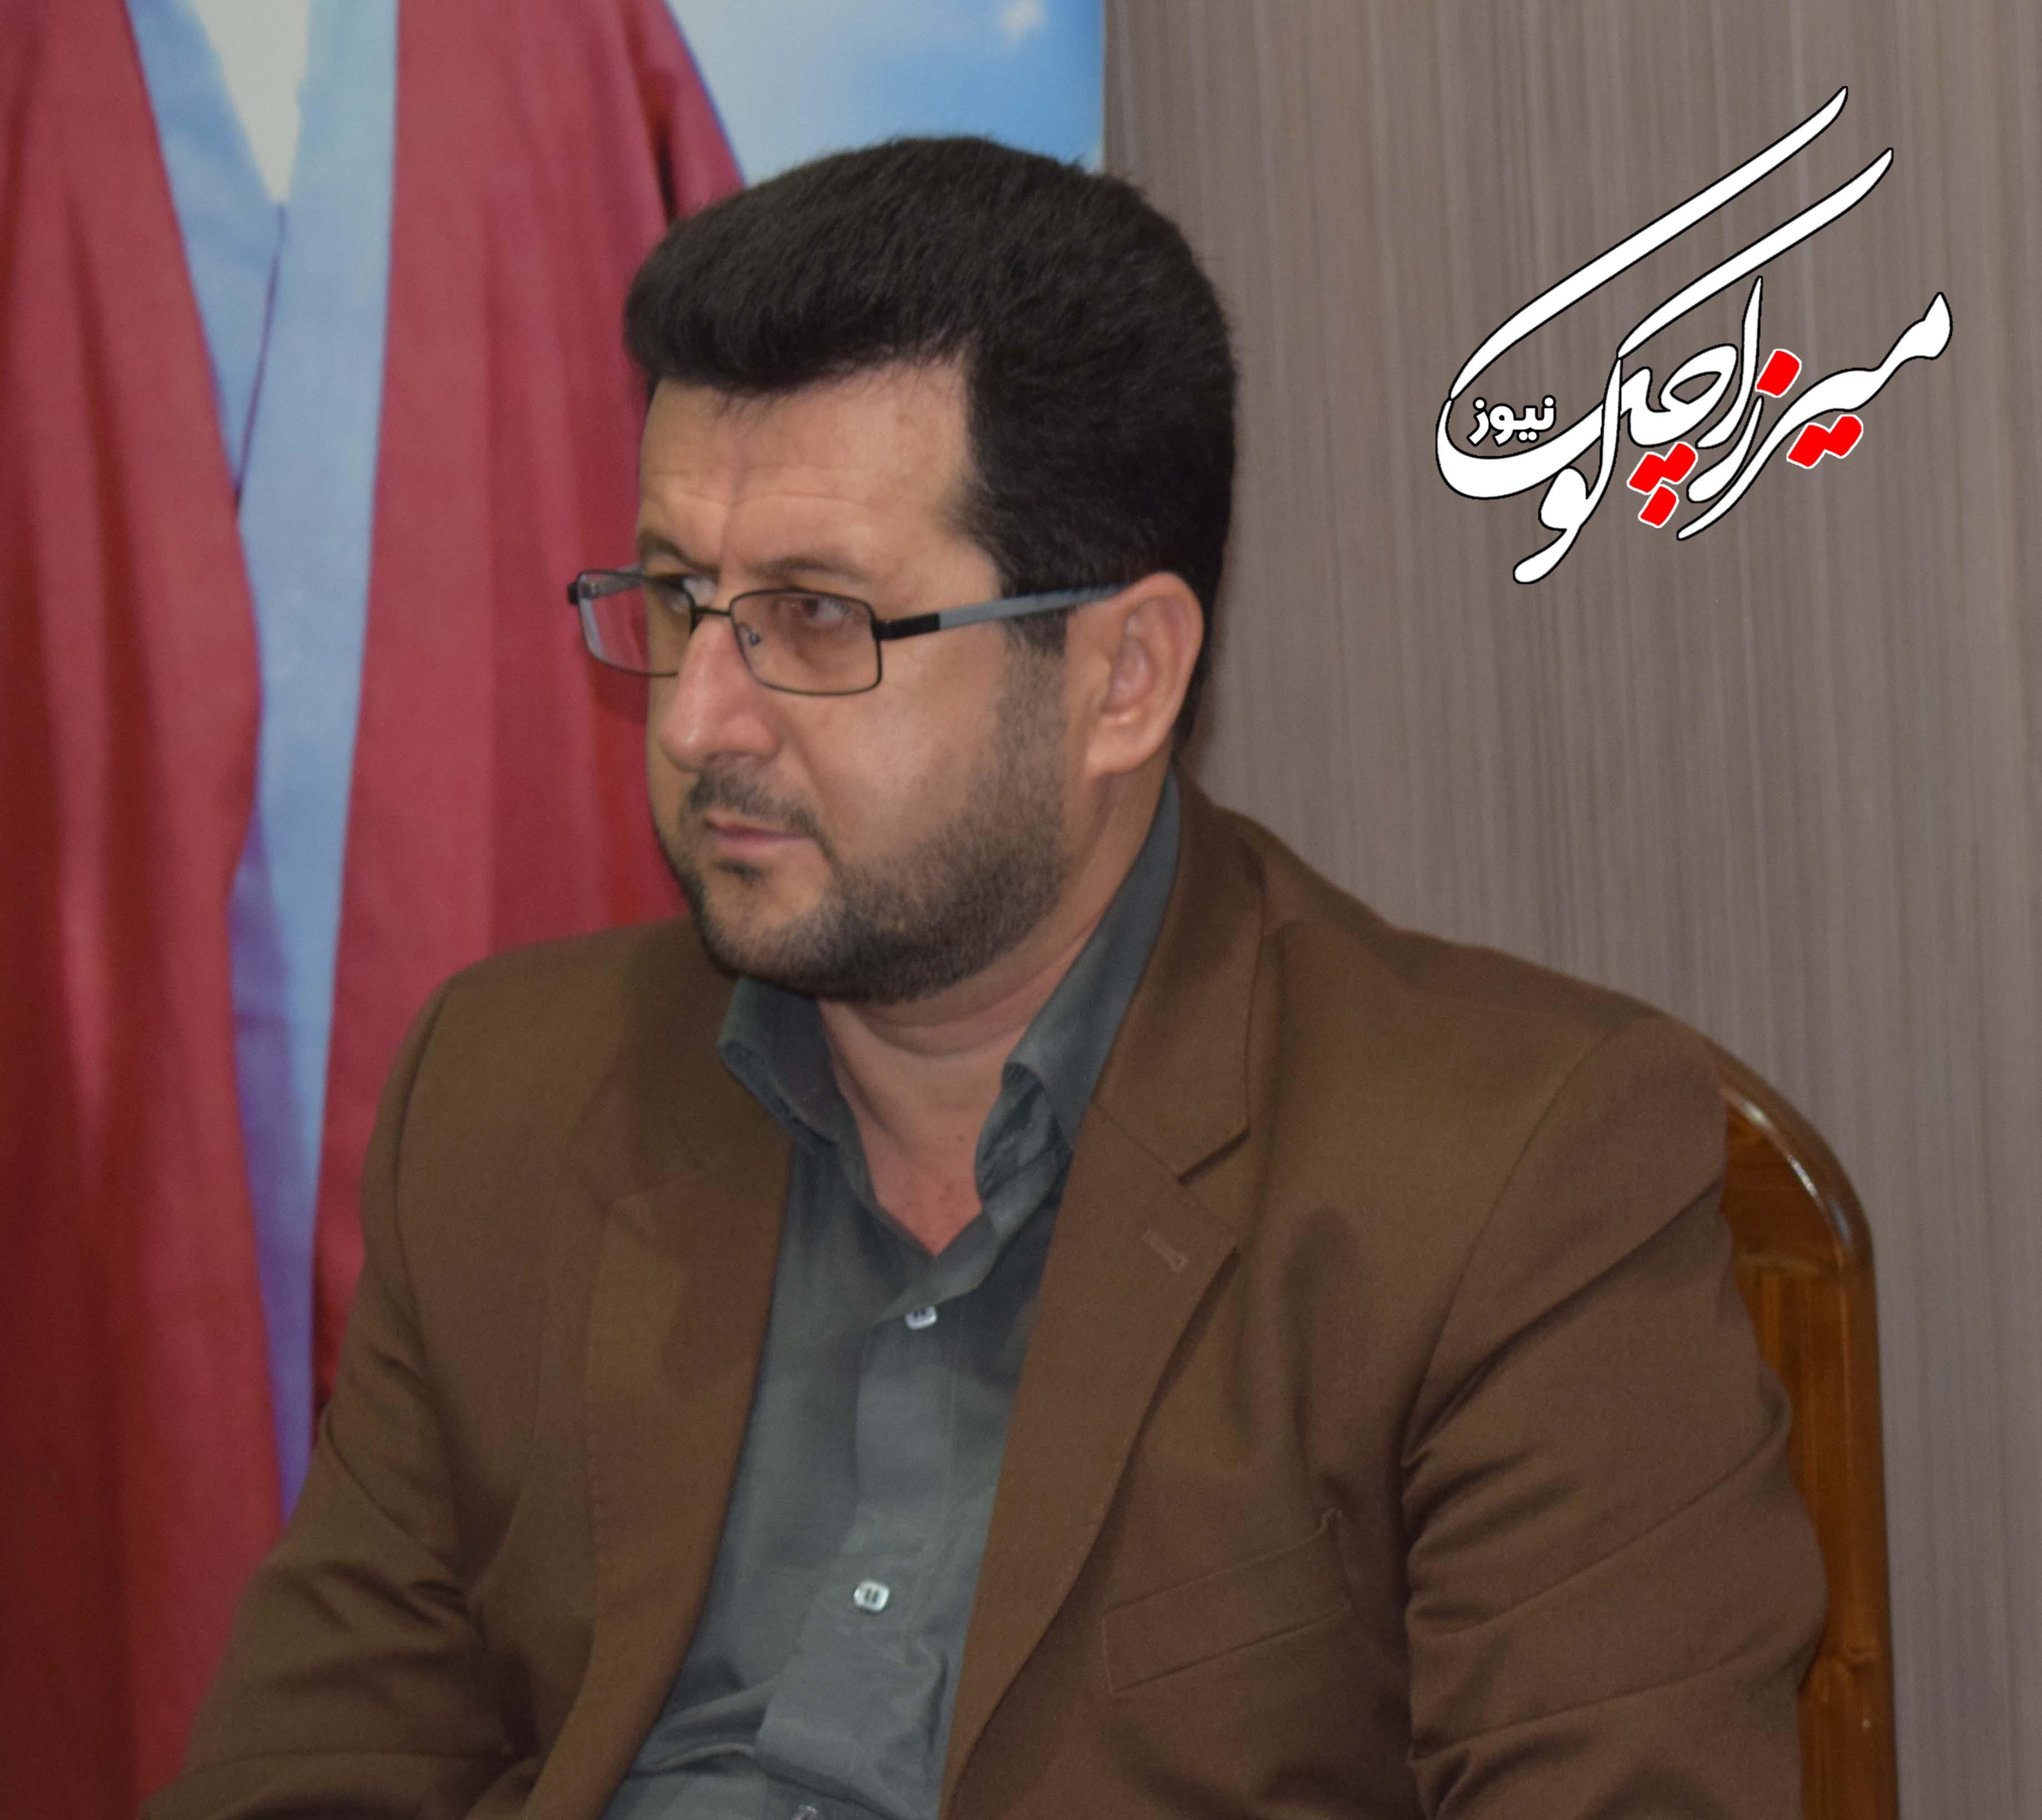 پیام رئیس اداره فرهنگ و ارشاد اسلامی شهرستان صومعه سرا